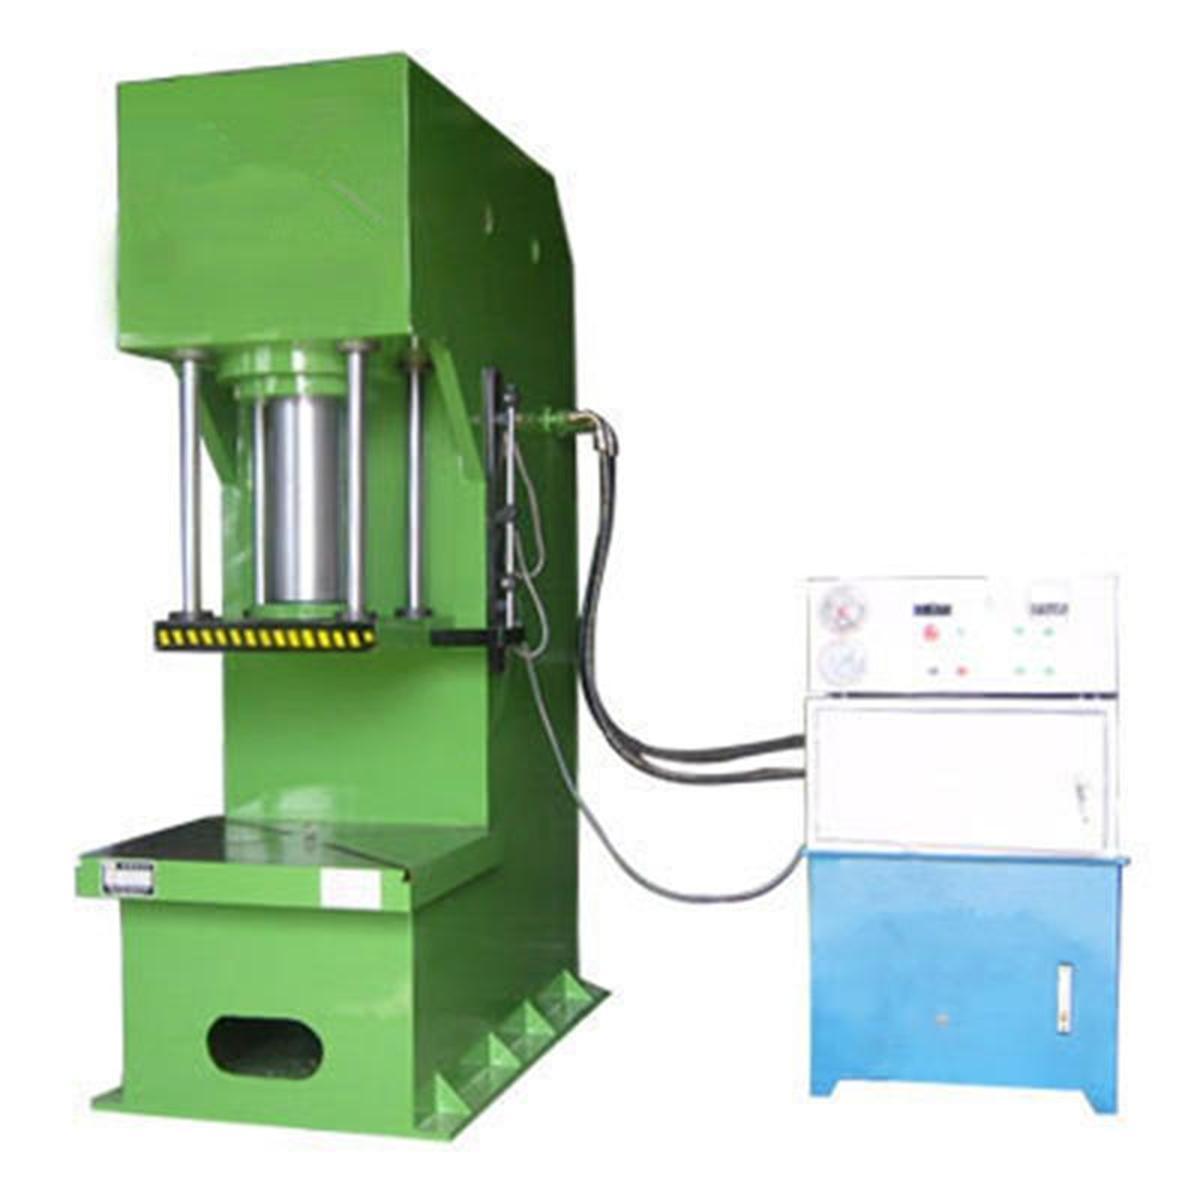 校直机单臂液压机单柱油压机液压校直机虎口式压力机